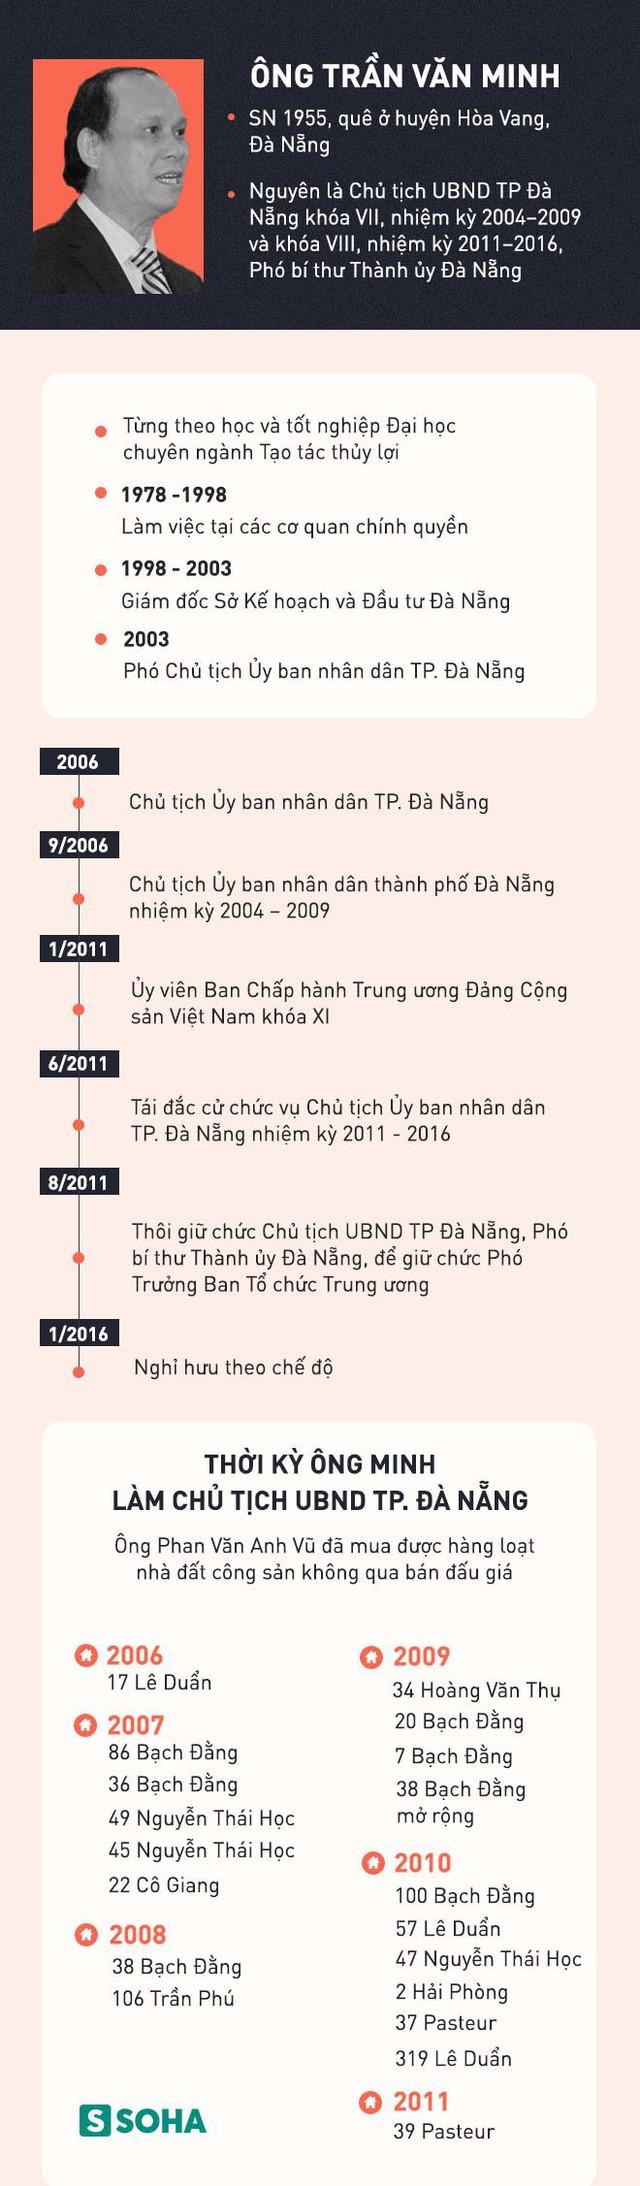 Vũ nhôm mua nhà đất công thời ông Trần Văn Minh làm Chủ tịch Đà Nẵng ra sao? - Ảnh 7.